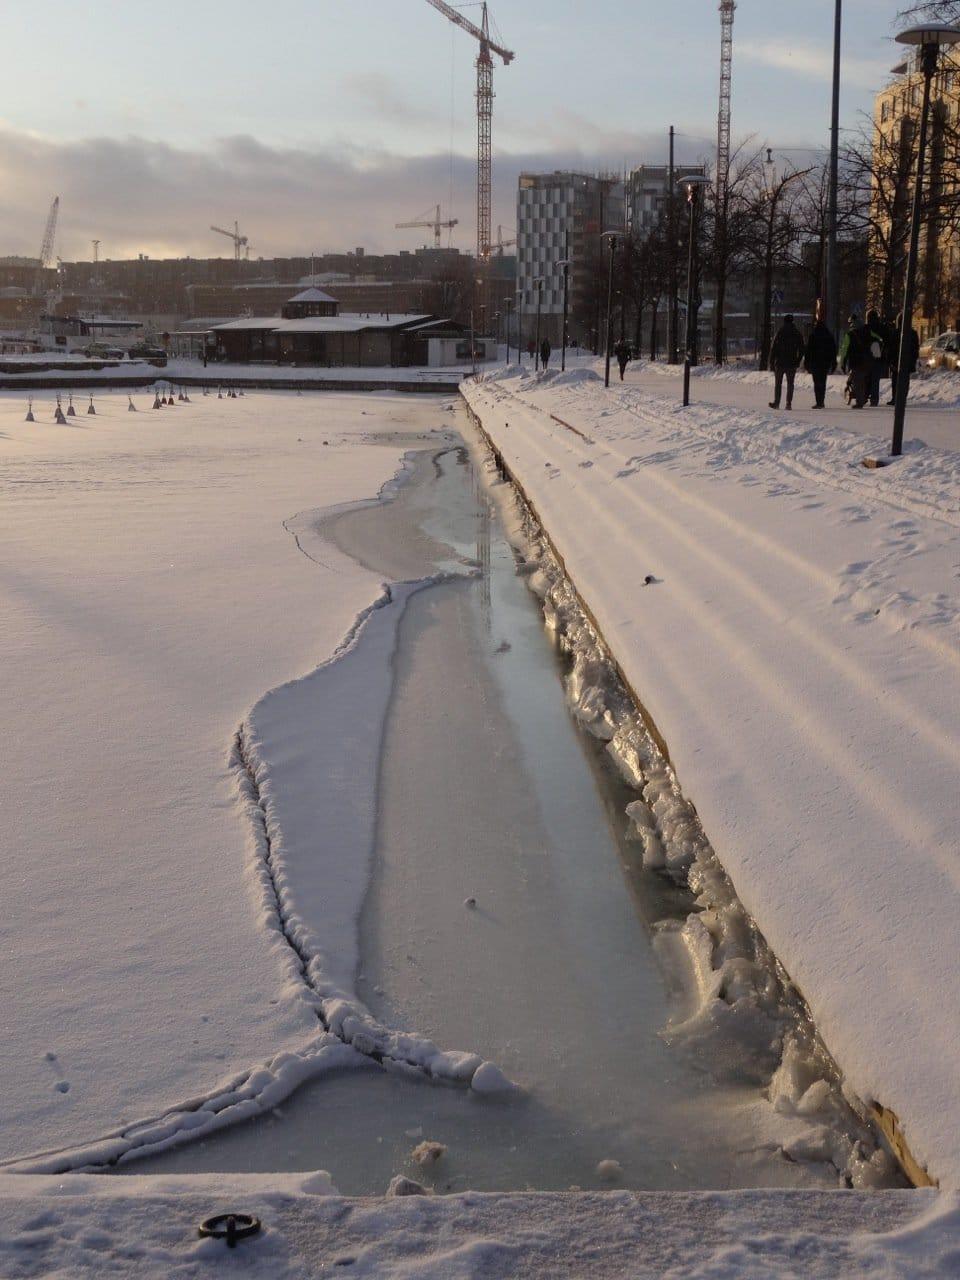 Ufer mit Schnee und Eis in helsinki im Winter ©Tarja Prüss